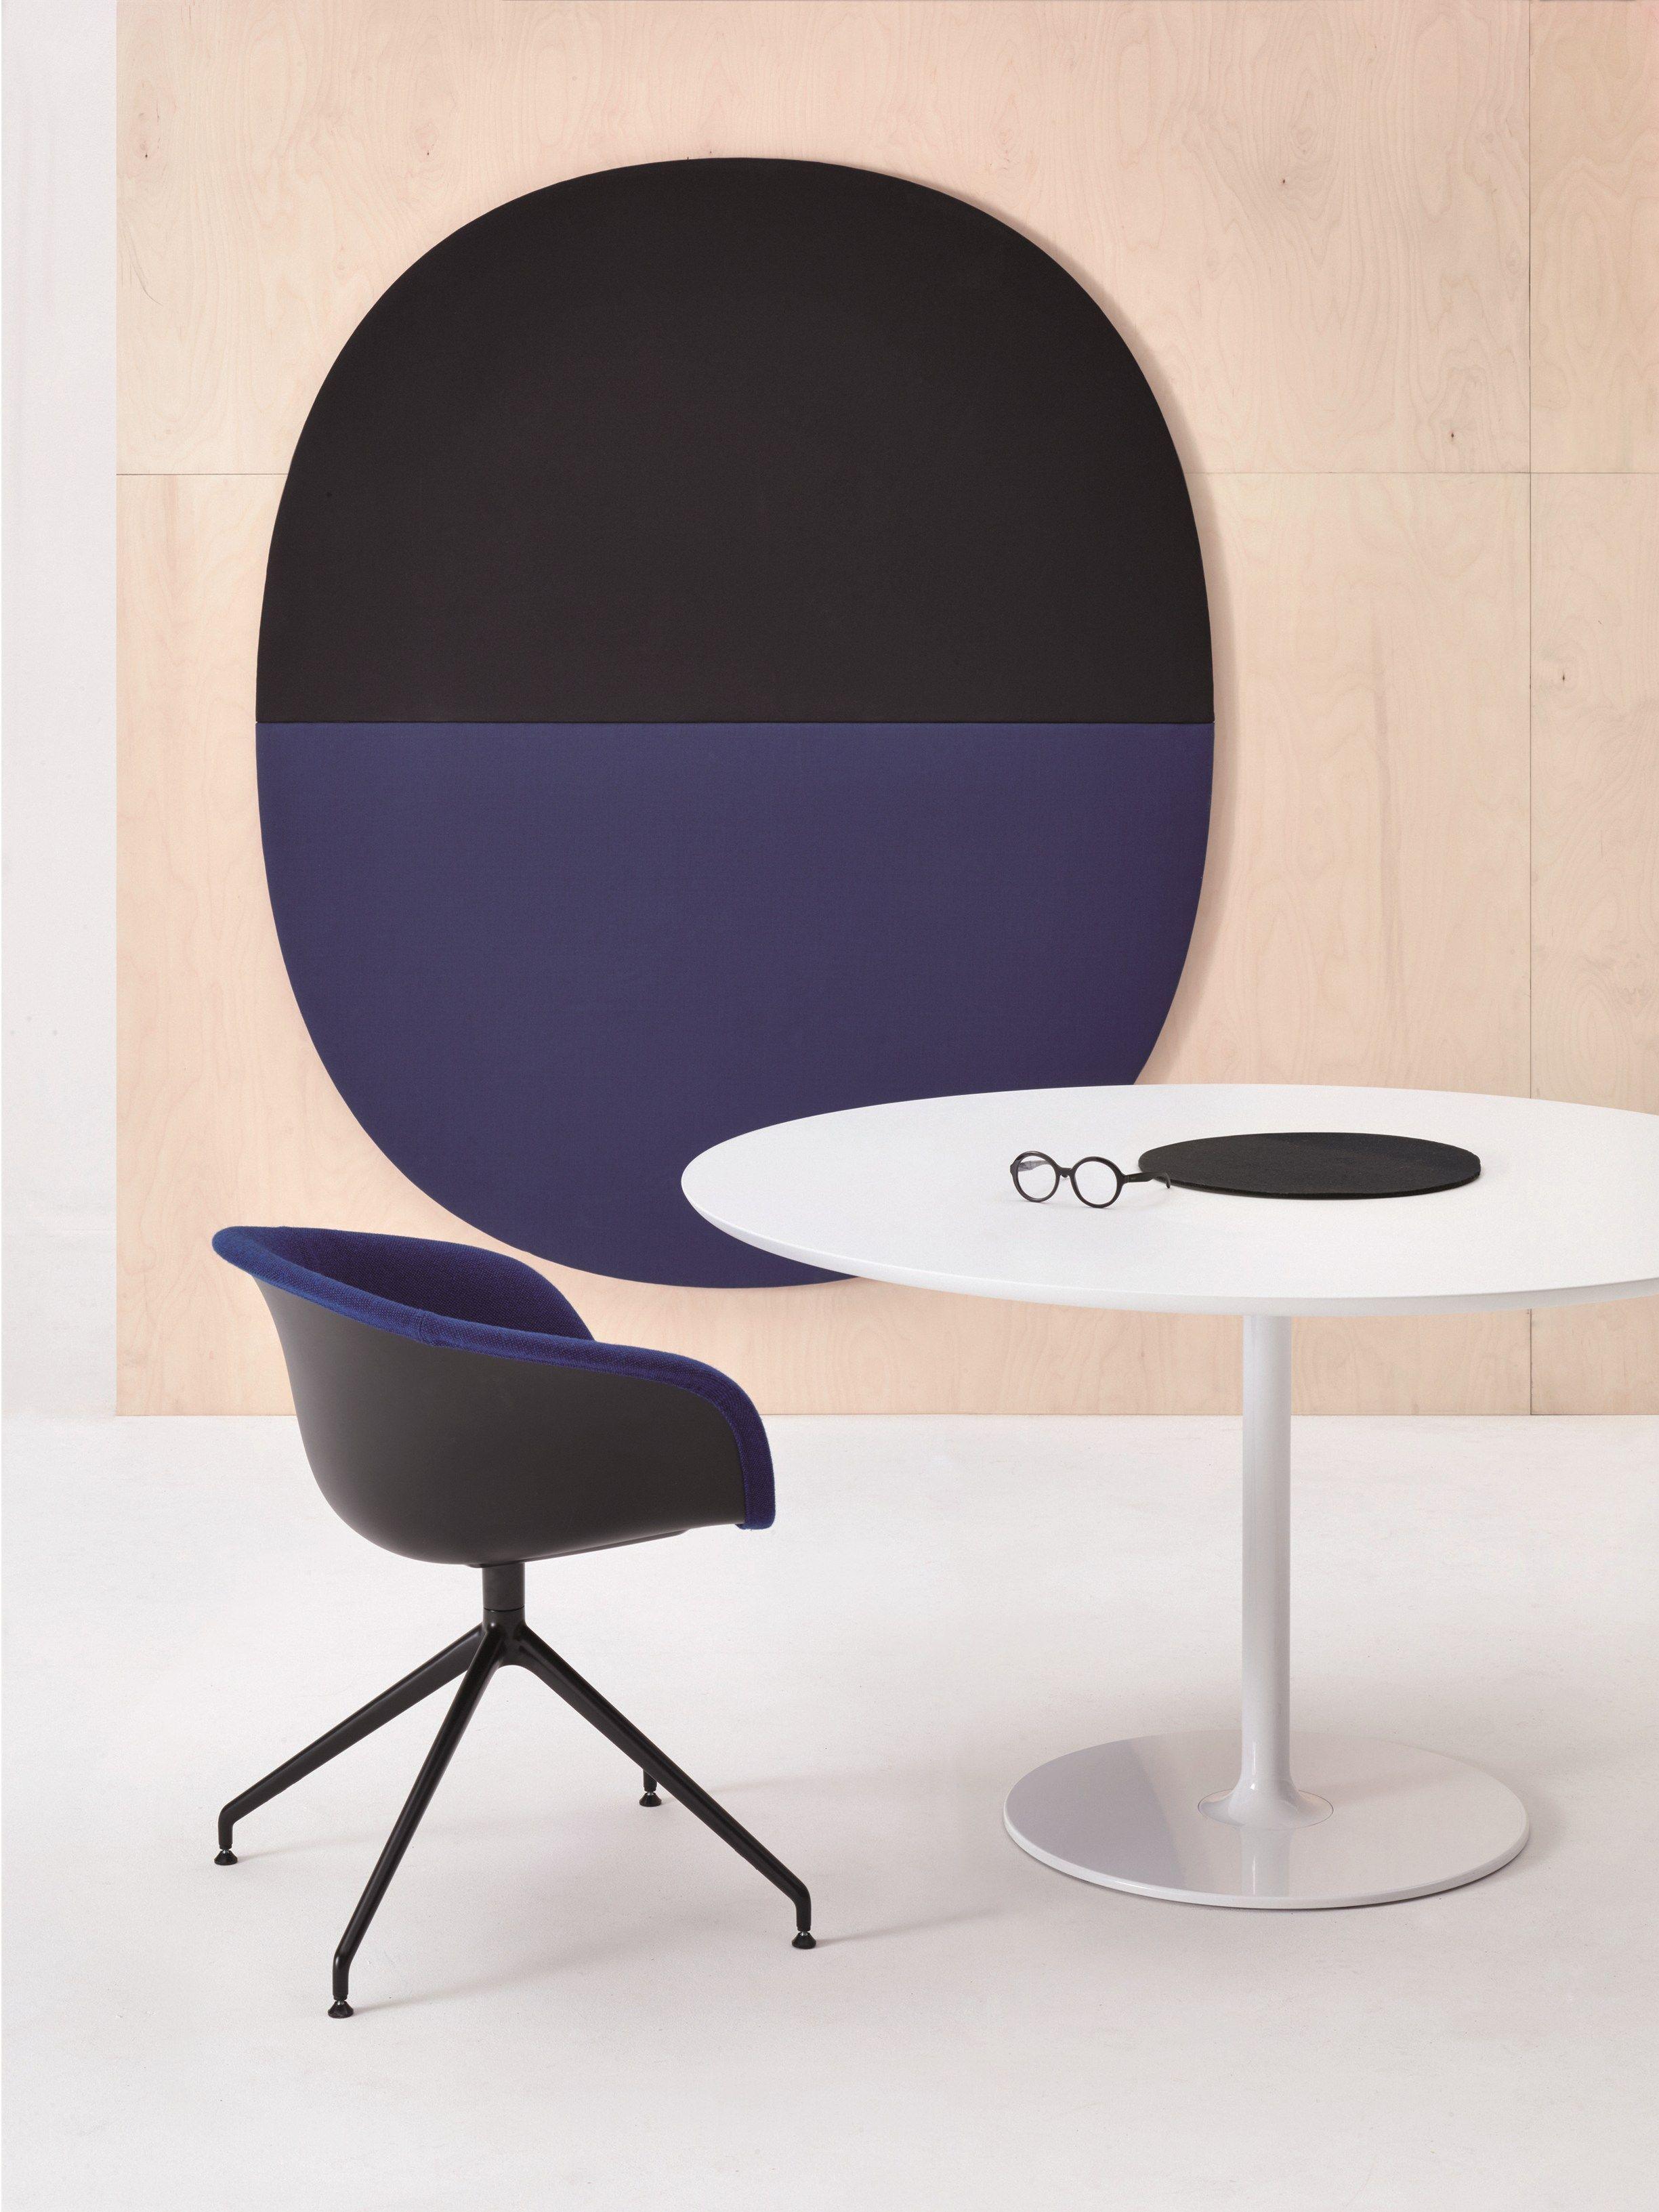 Panneaux Acoustiques Décoratifs PARENTESIT By Arper Design Lievore - Formation decorateur interieur avec fauteuils pivotants design